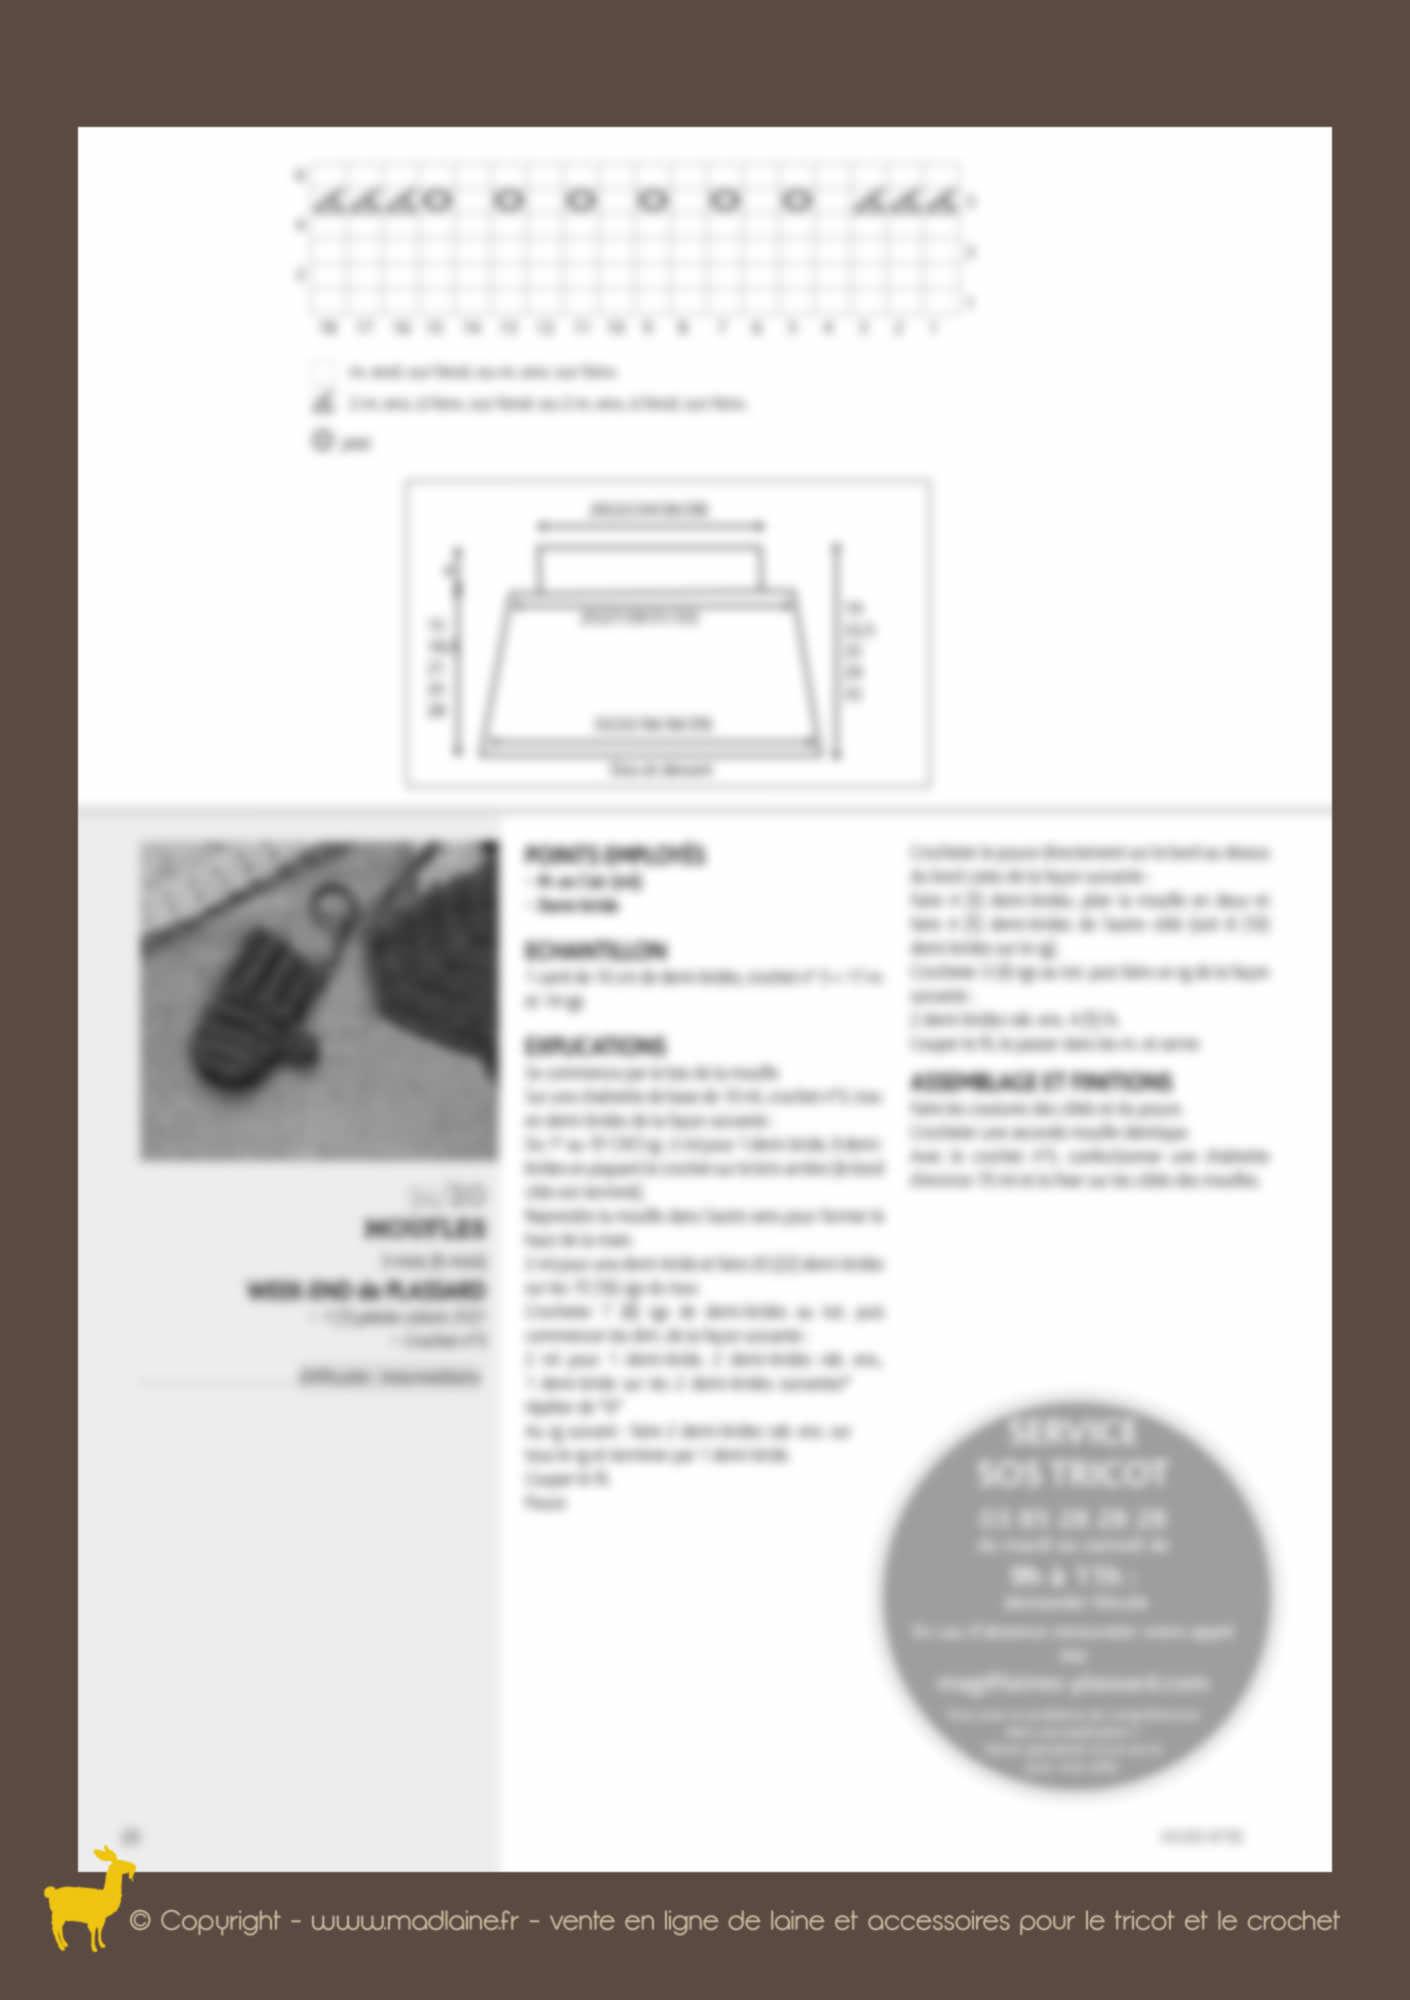 Modèle poncho et moufles 94-20 - PLASSARD   Mad laine c03740e2b96